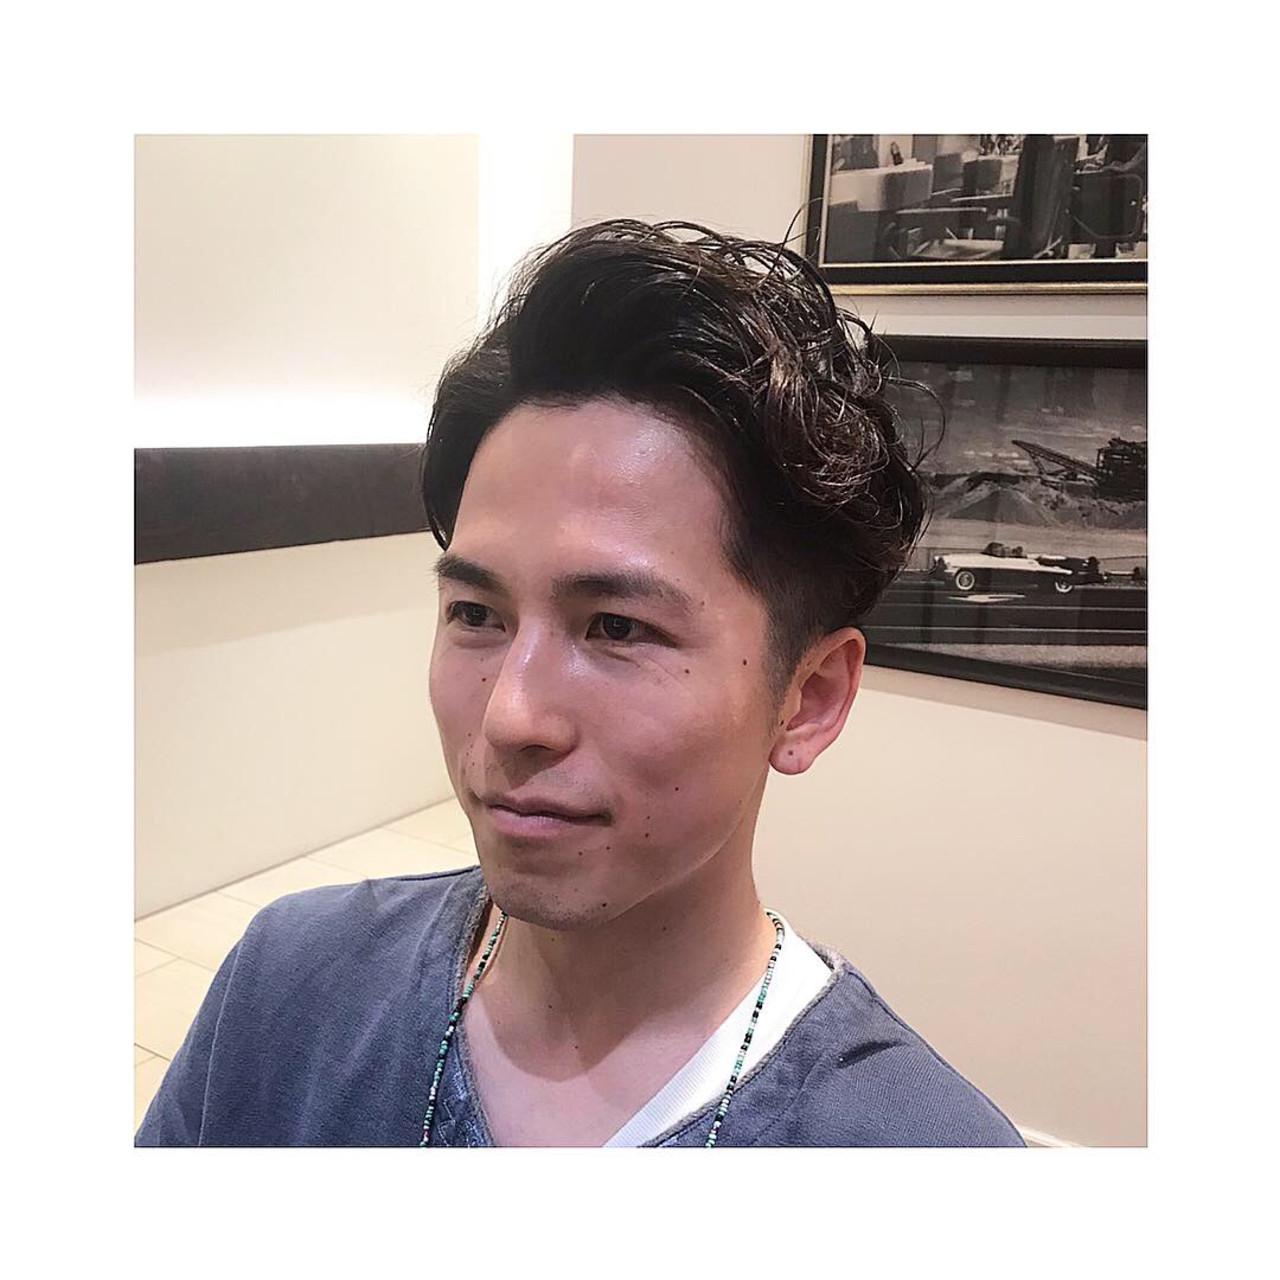 ナチュラル メンズパーマ 刈り上げ メンズショート ヘアスタイルや髪型の写真・画像